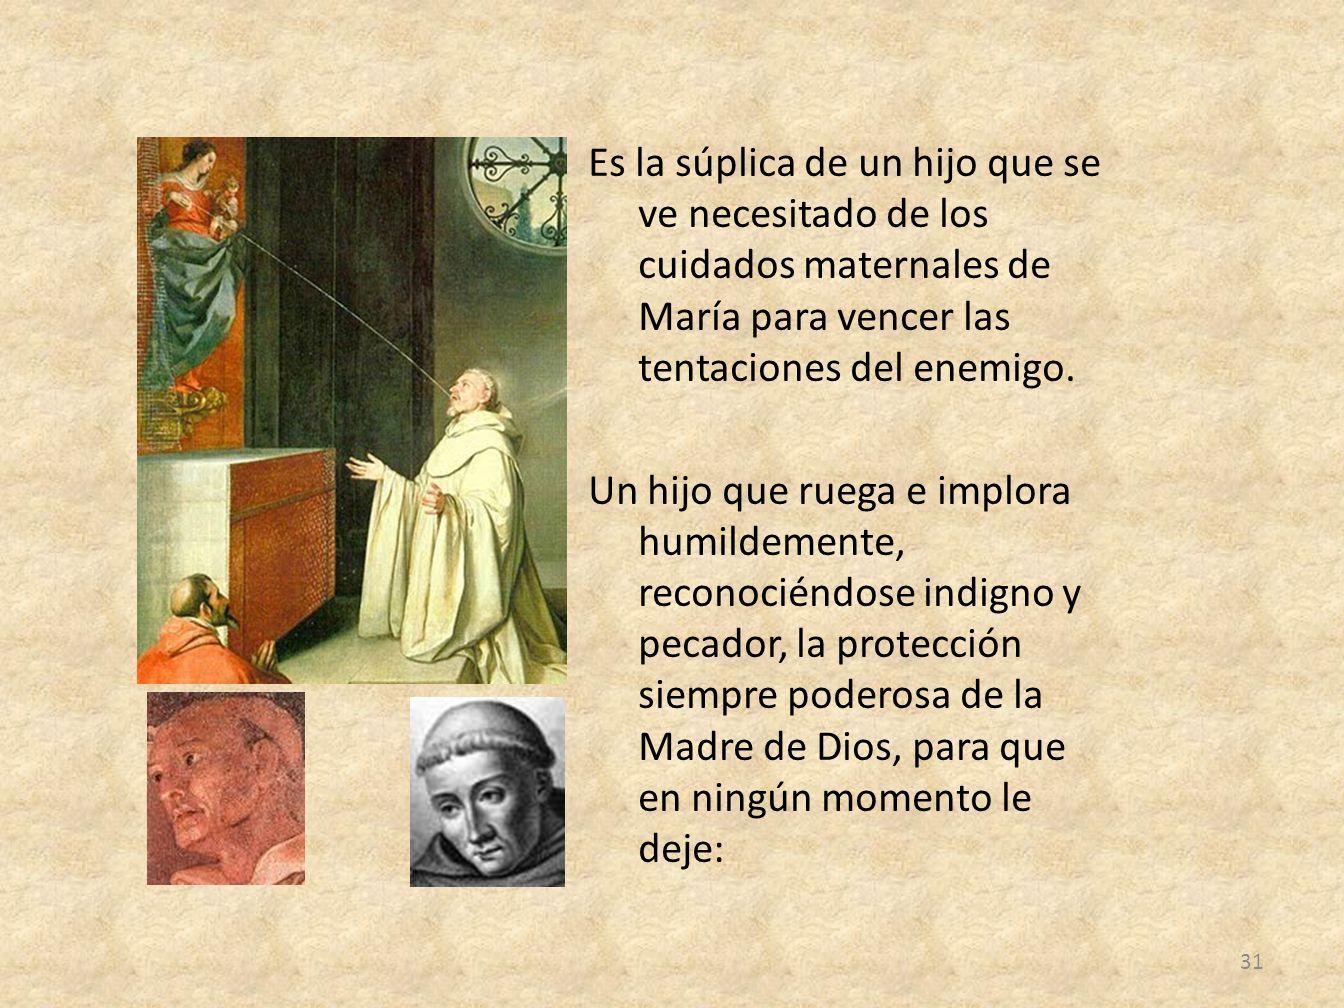 Es la súplica de un hijo que se ve necesitado de los cuidados maternales de María para vencer las tentaciones del enemigo.